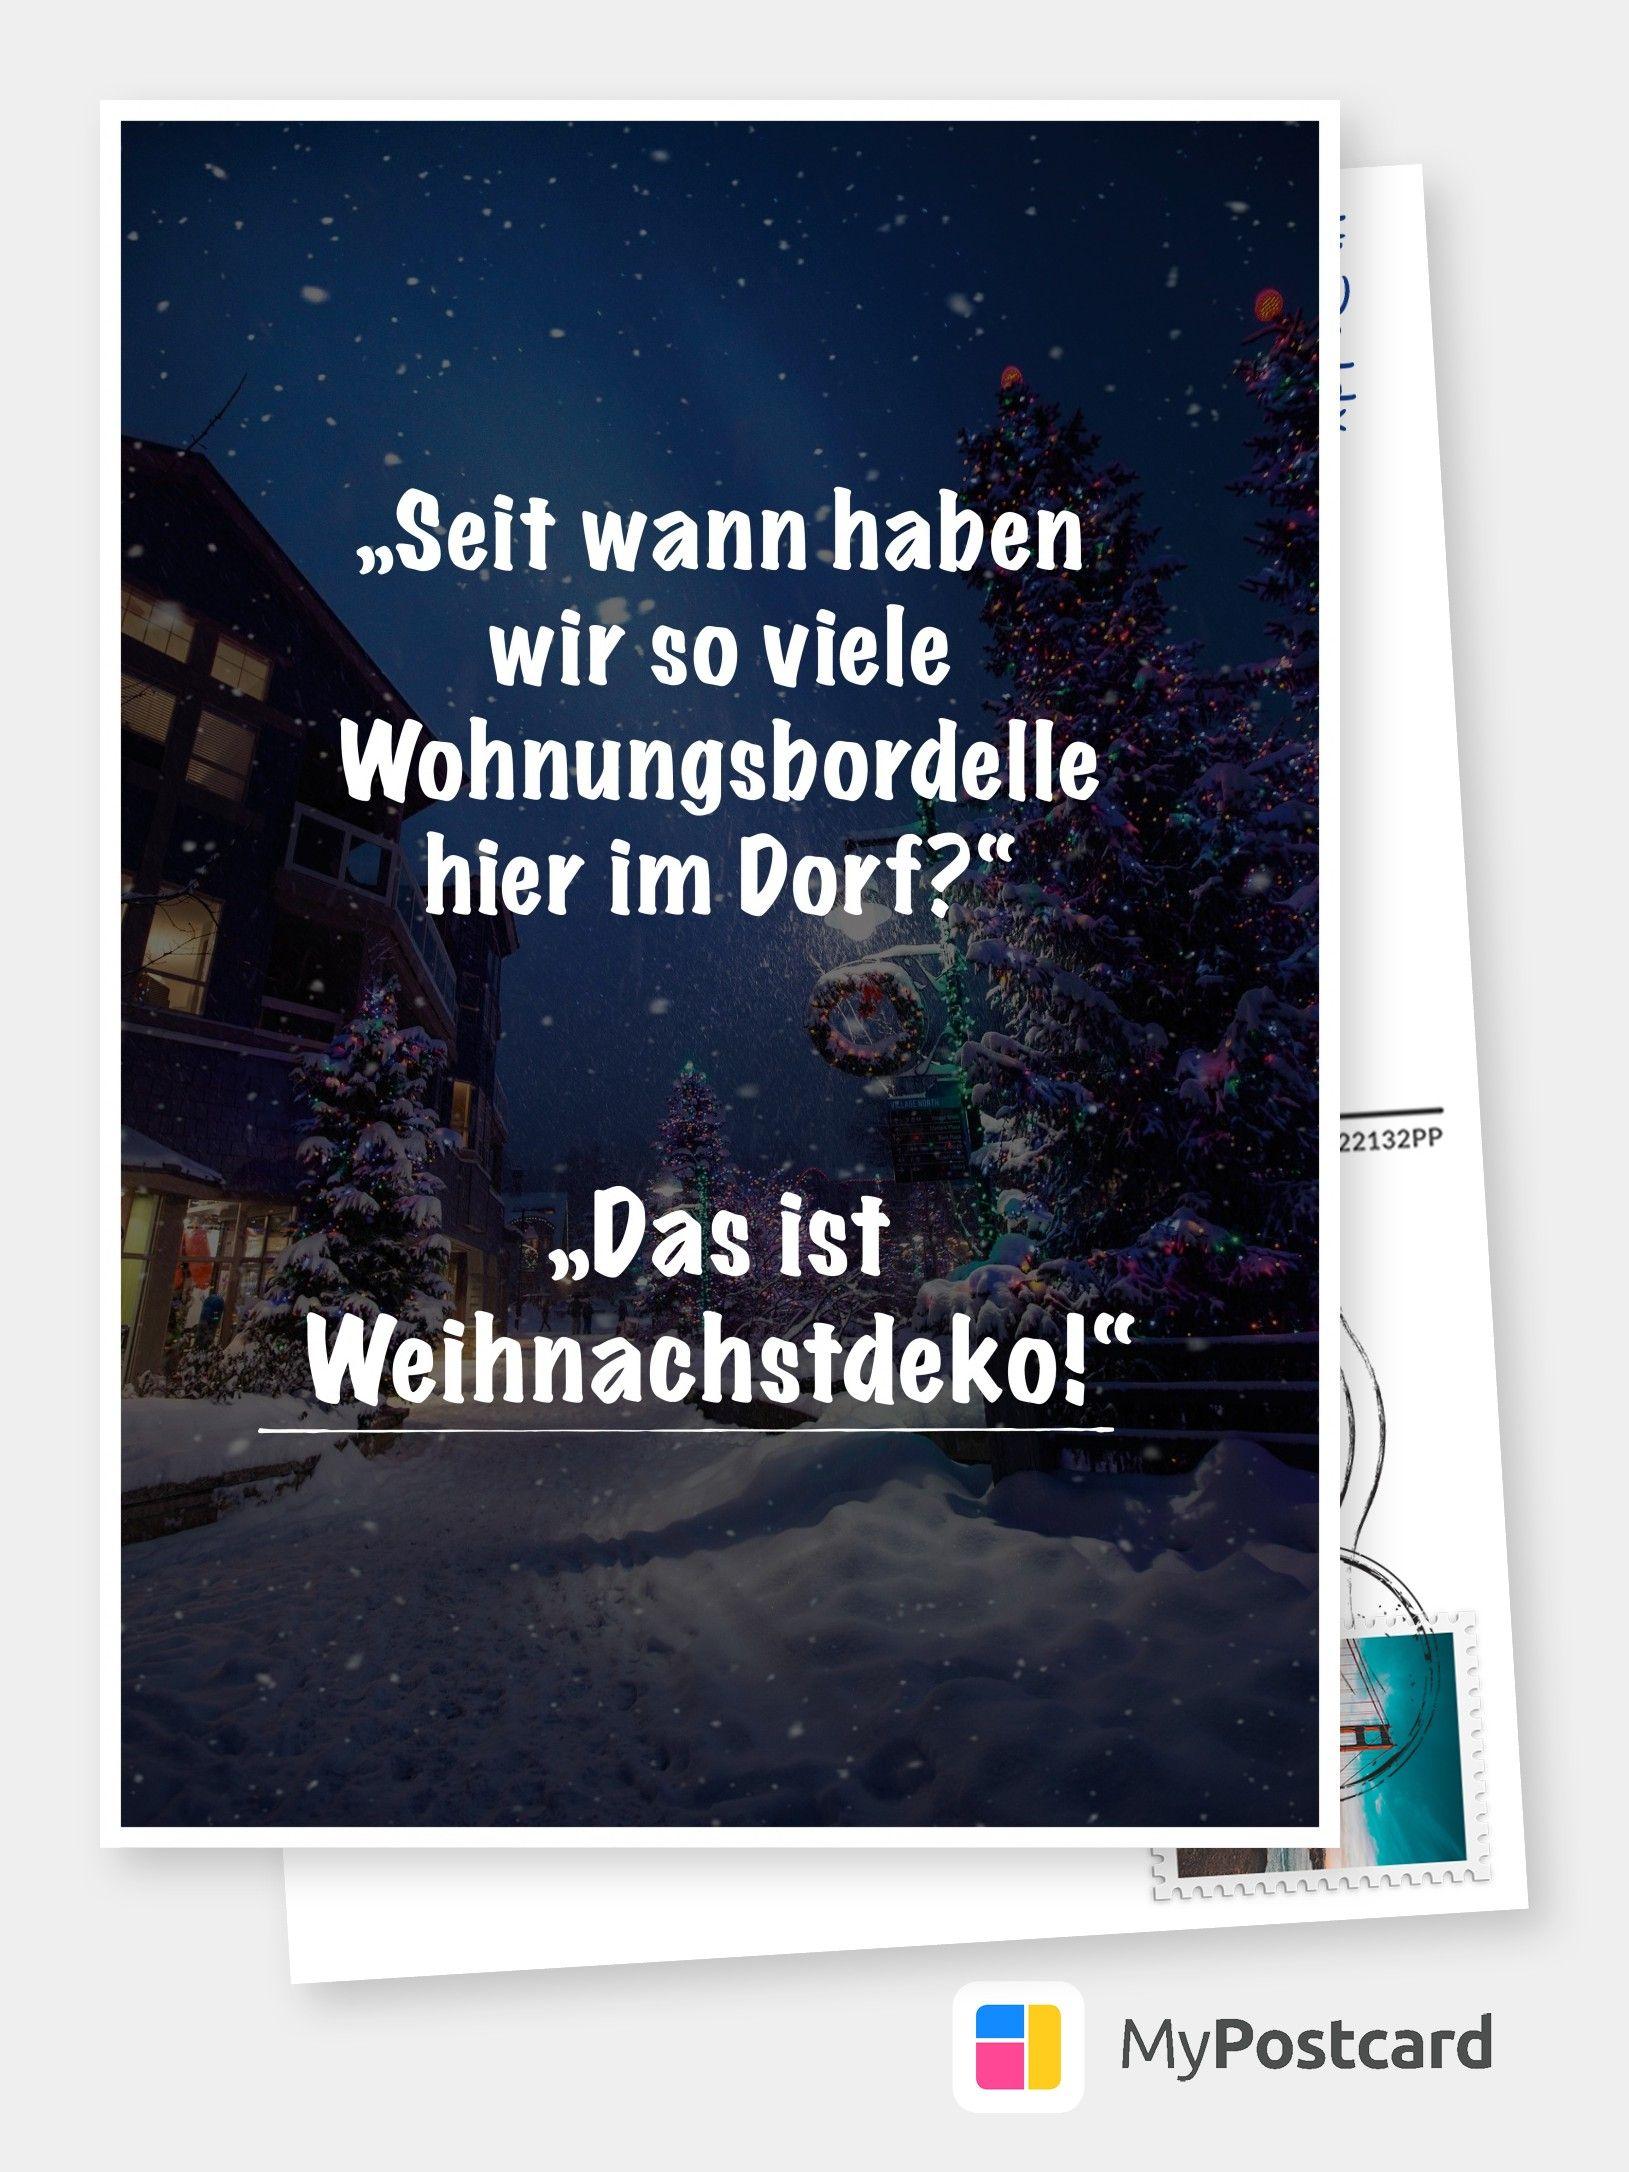 Postkarte Spruche Humor Mit Meiner Laune Konnten 4 Teenager 5